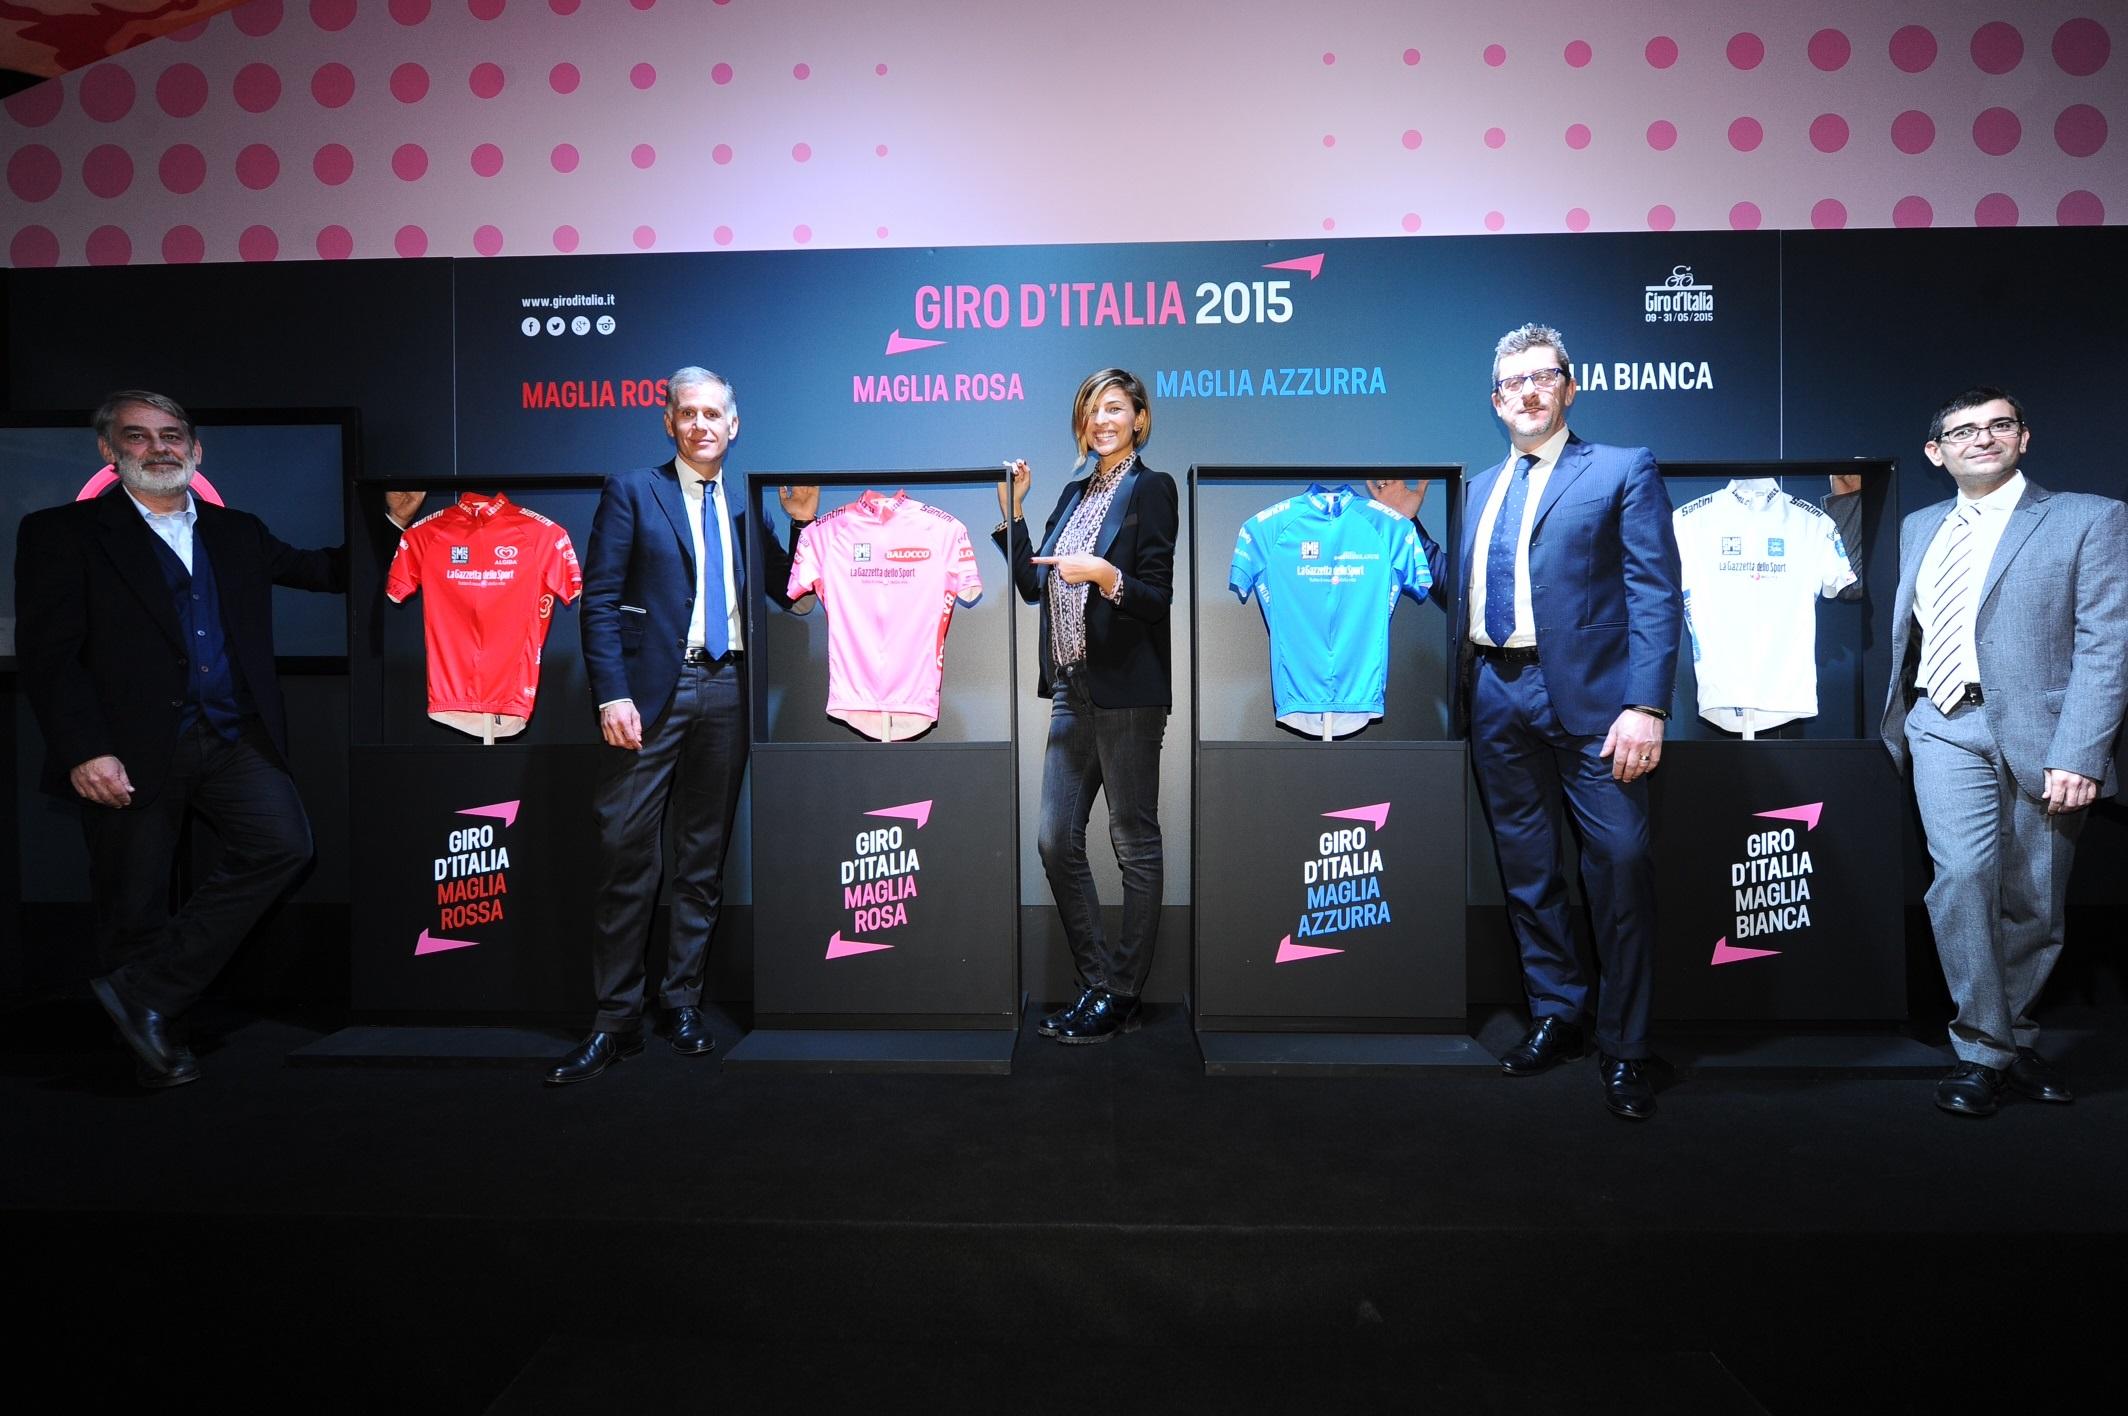 Il logo Balocco sulla nuova Maglia Rosa del Giro d'Italia 2015